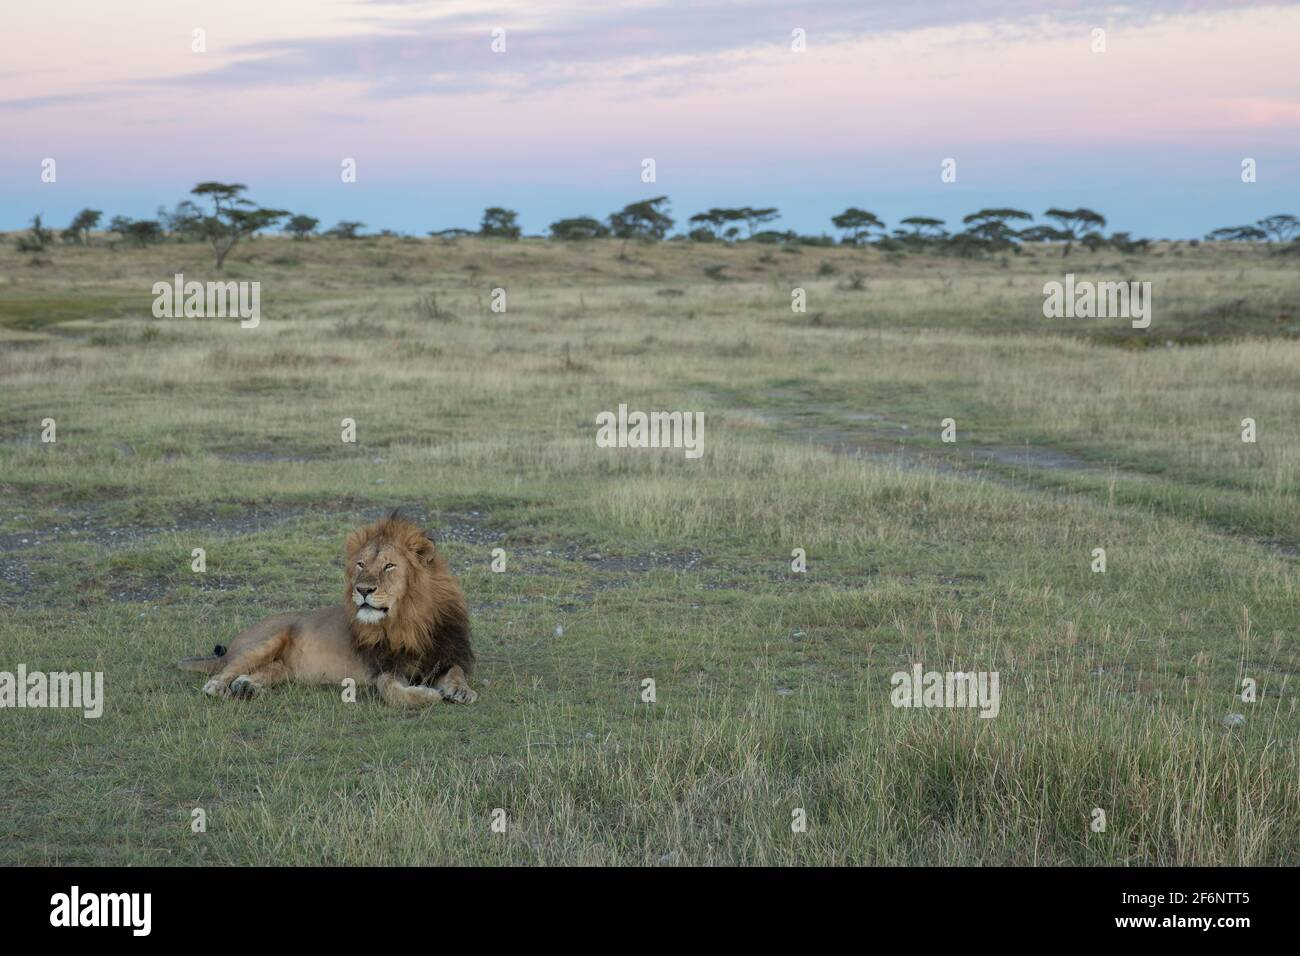 Lion masculin dans le parc national de Serengeti en Tanzanie. Banque D'Images